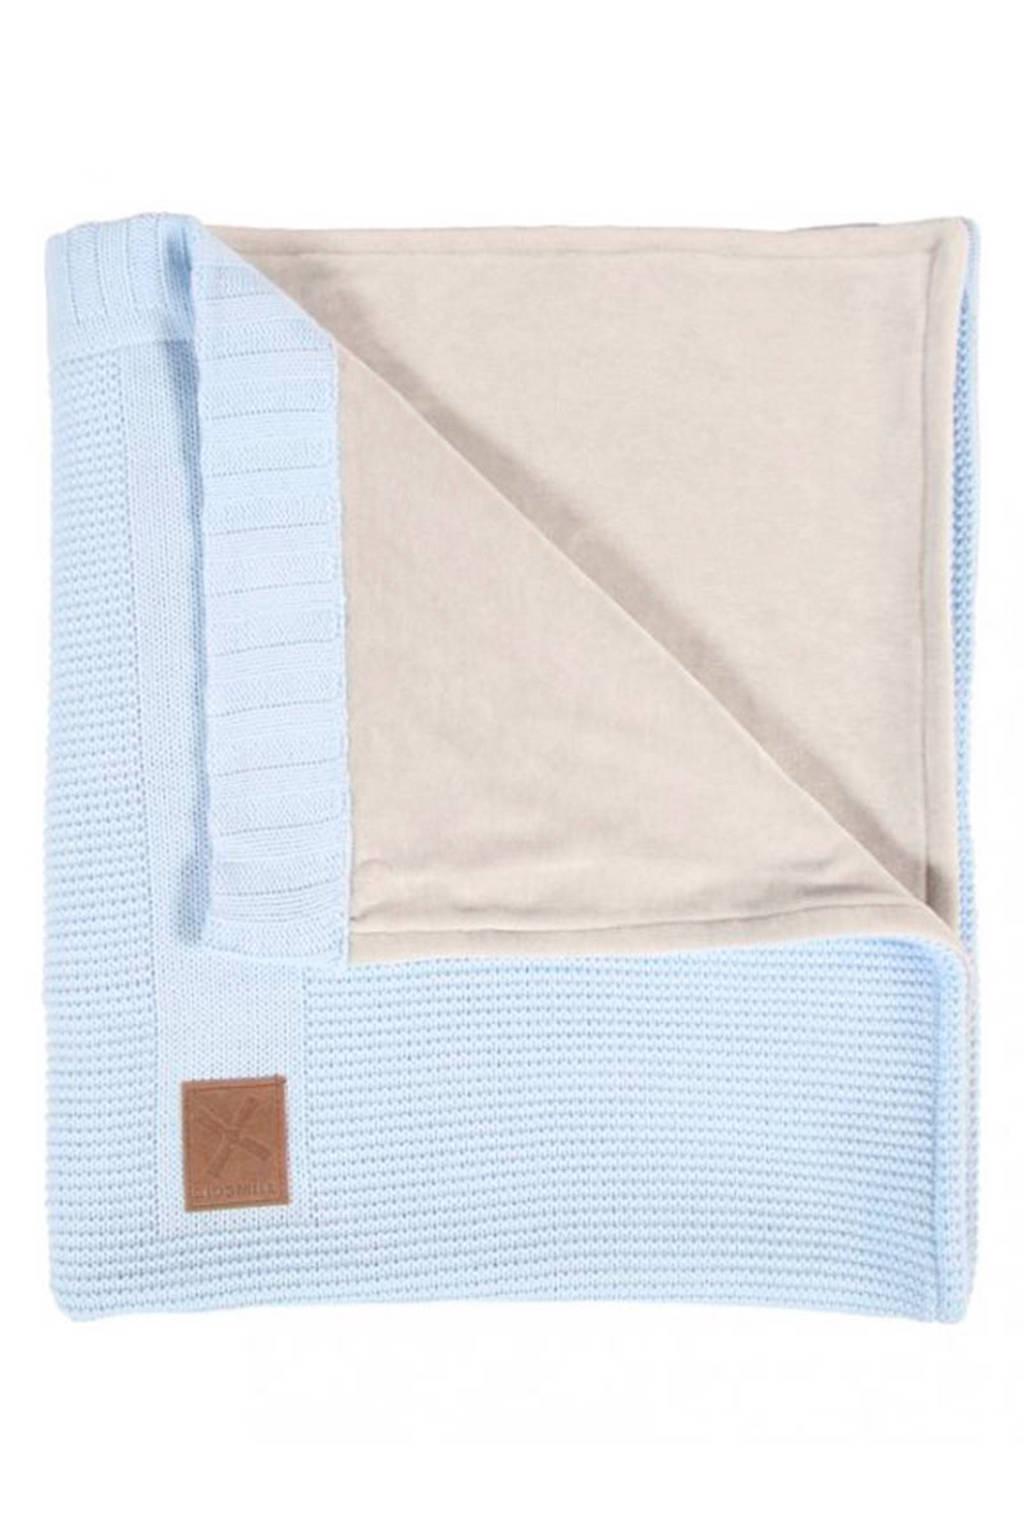 Kidsmill Knitted ledikantdeken 100x135 cm blauw, Blauw